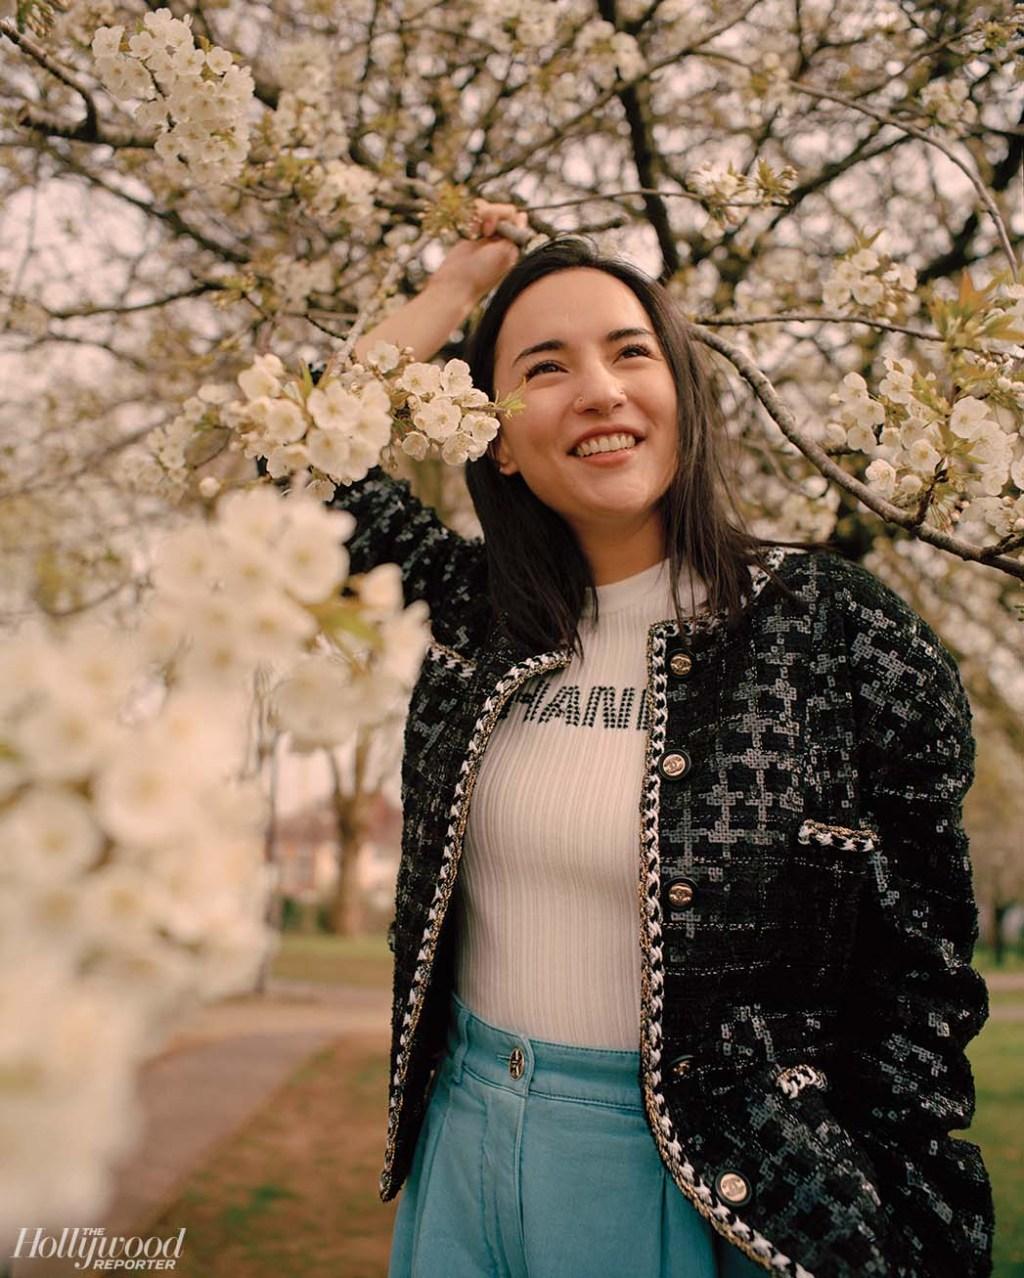 Jessie Mei Li Photographed by Charlotte Hadden